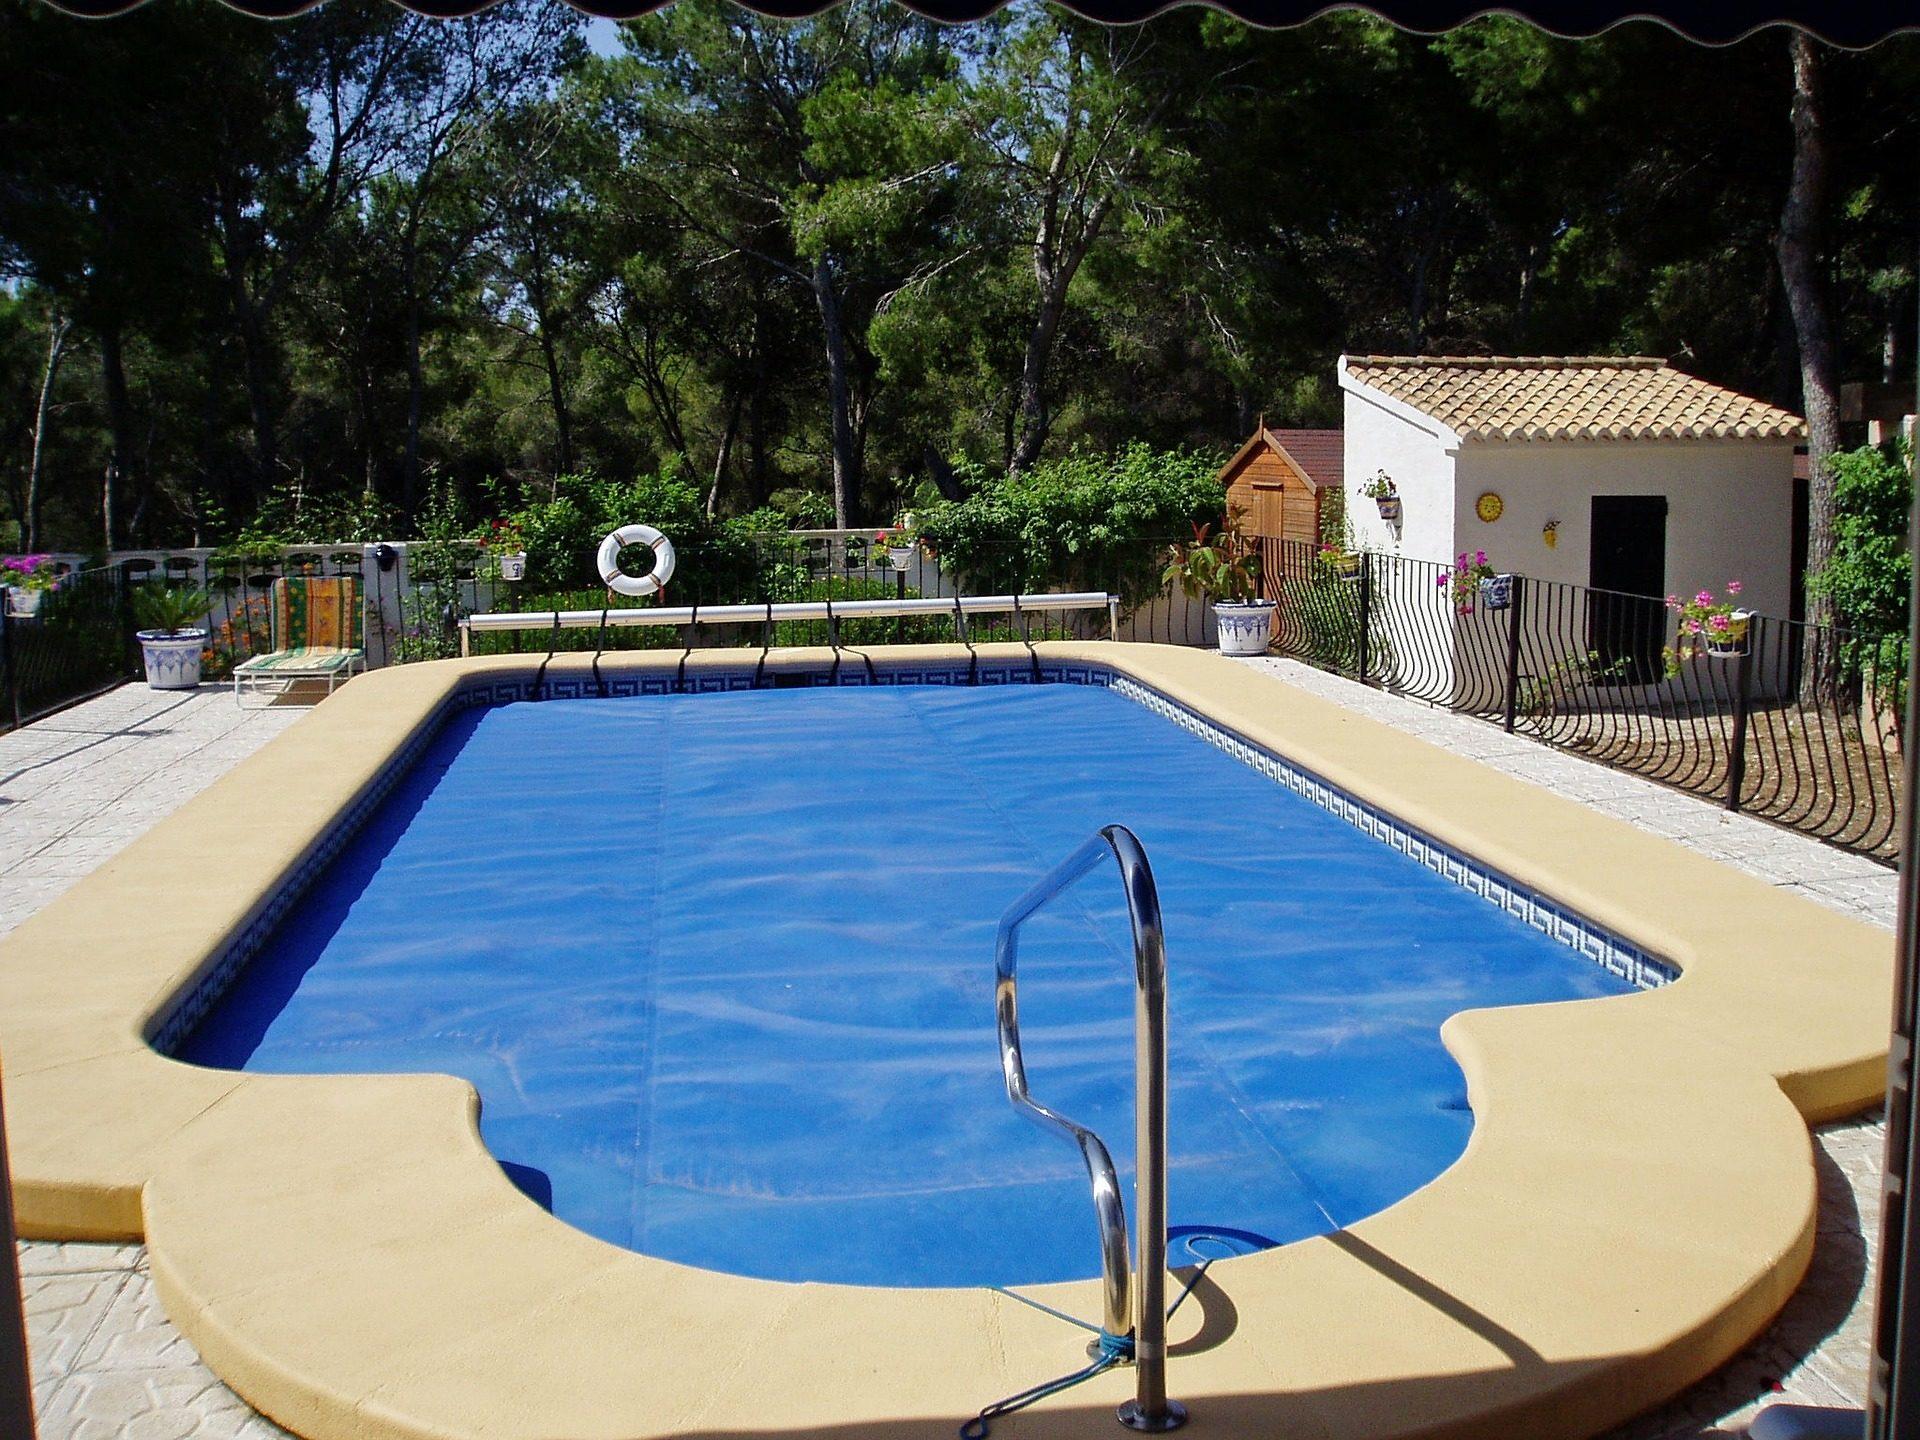 das Bild zeigt einen Pool mit Rollabdeckung